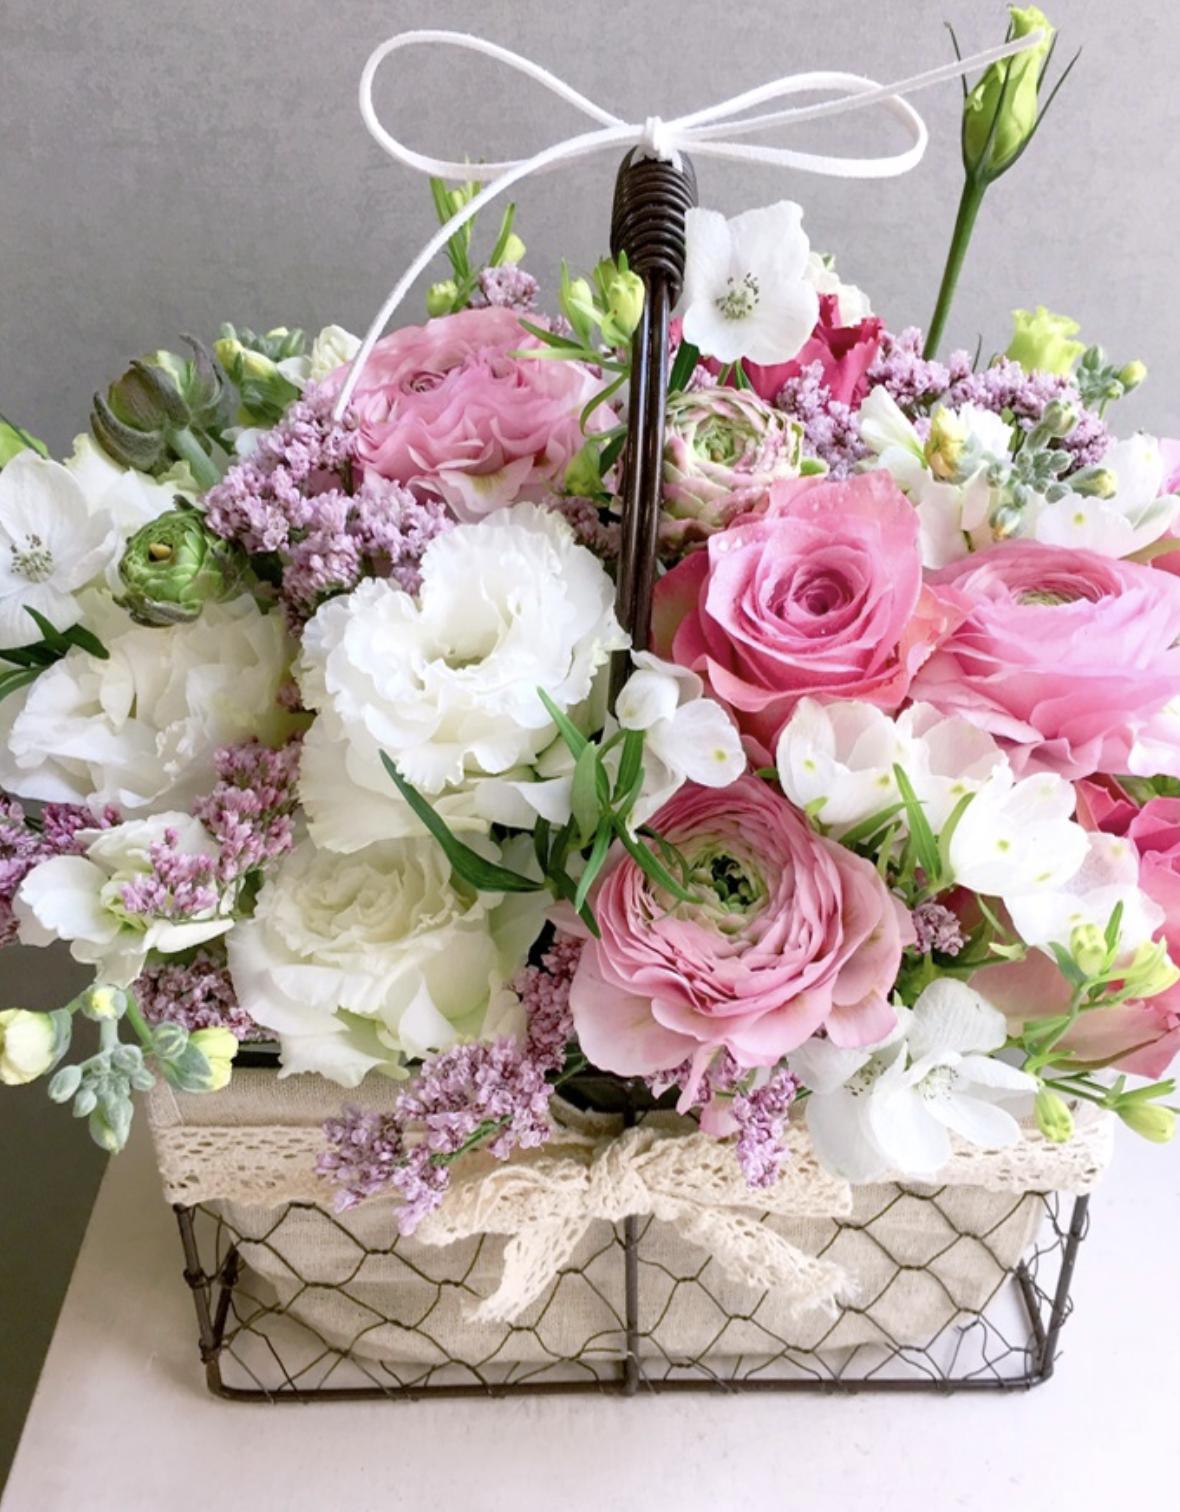 Tặng hoa vào ngày sinh nhật thay cho lời chúc, lời cảm ơn hoặc xin lỗi